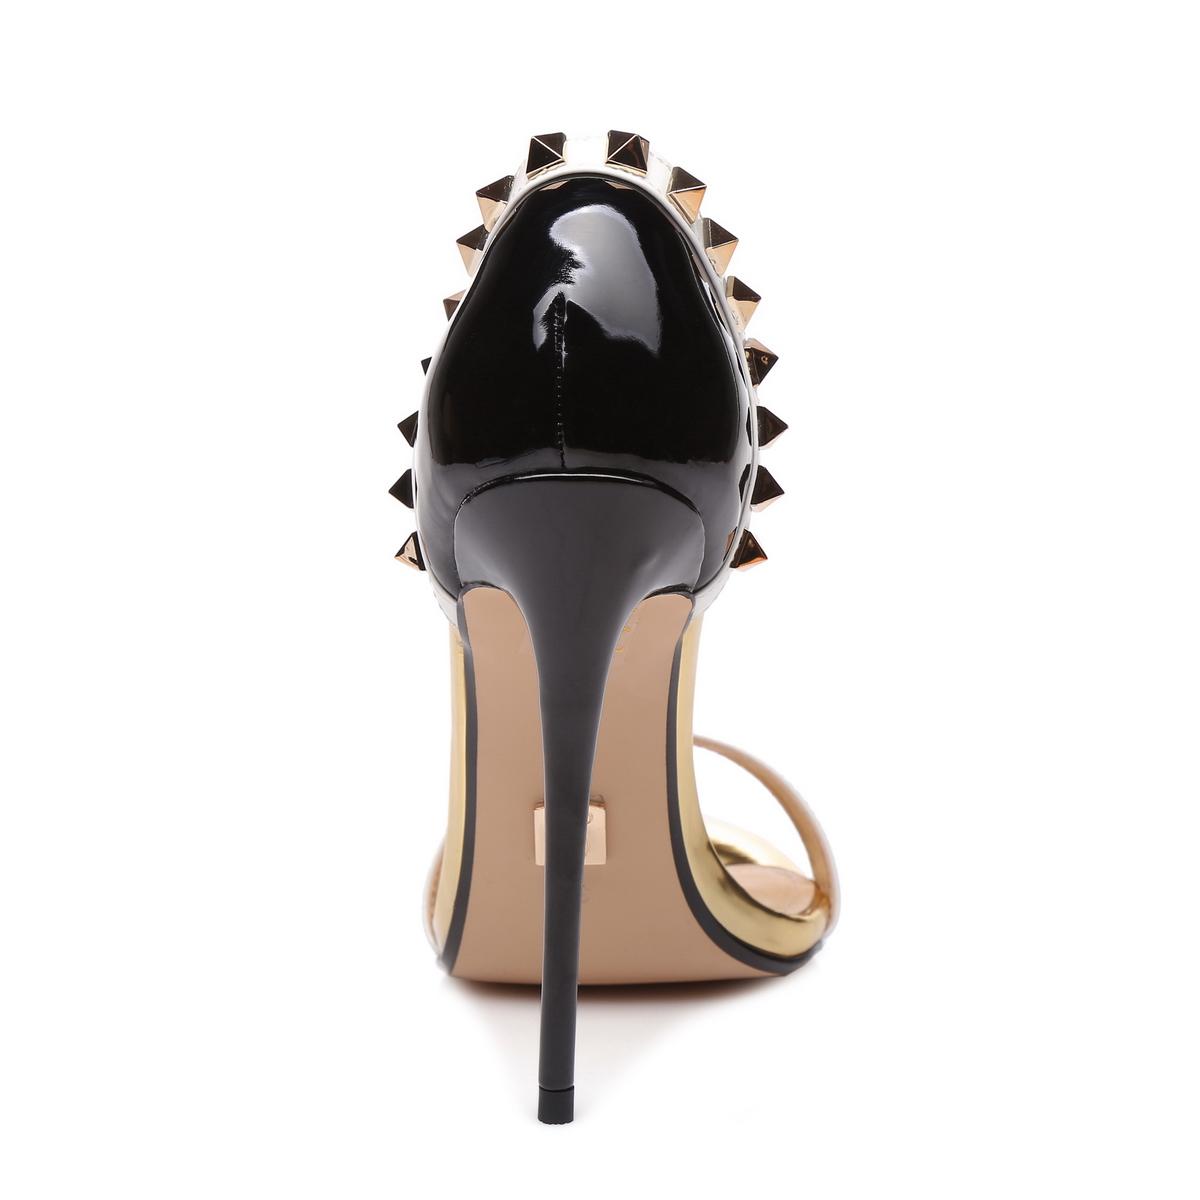 GIARO - Damen High Heel Sandalatten - Schwarz Schuhe in Übergrößen – Bild 3